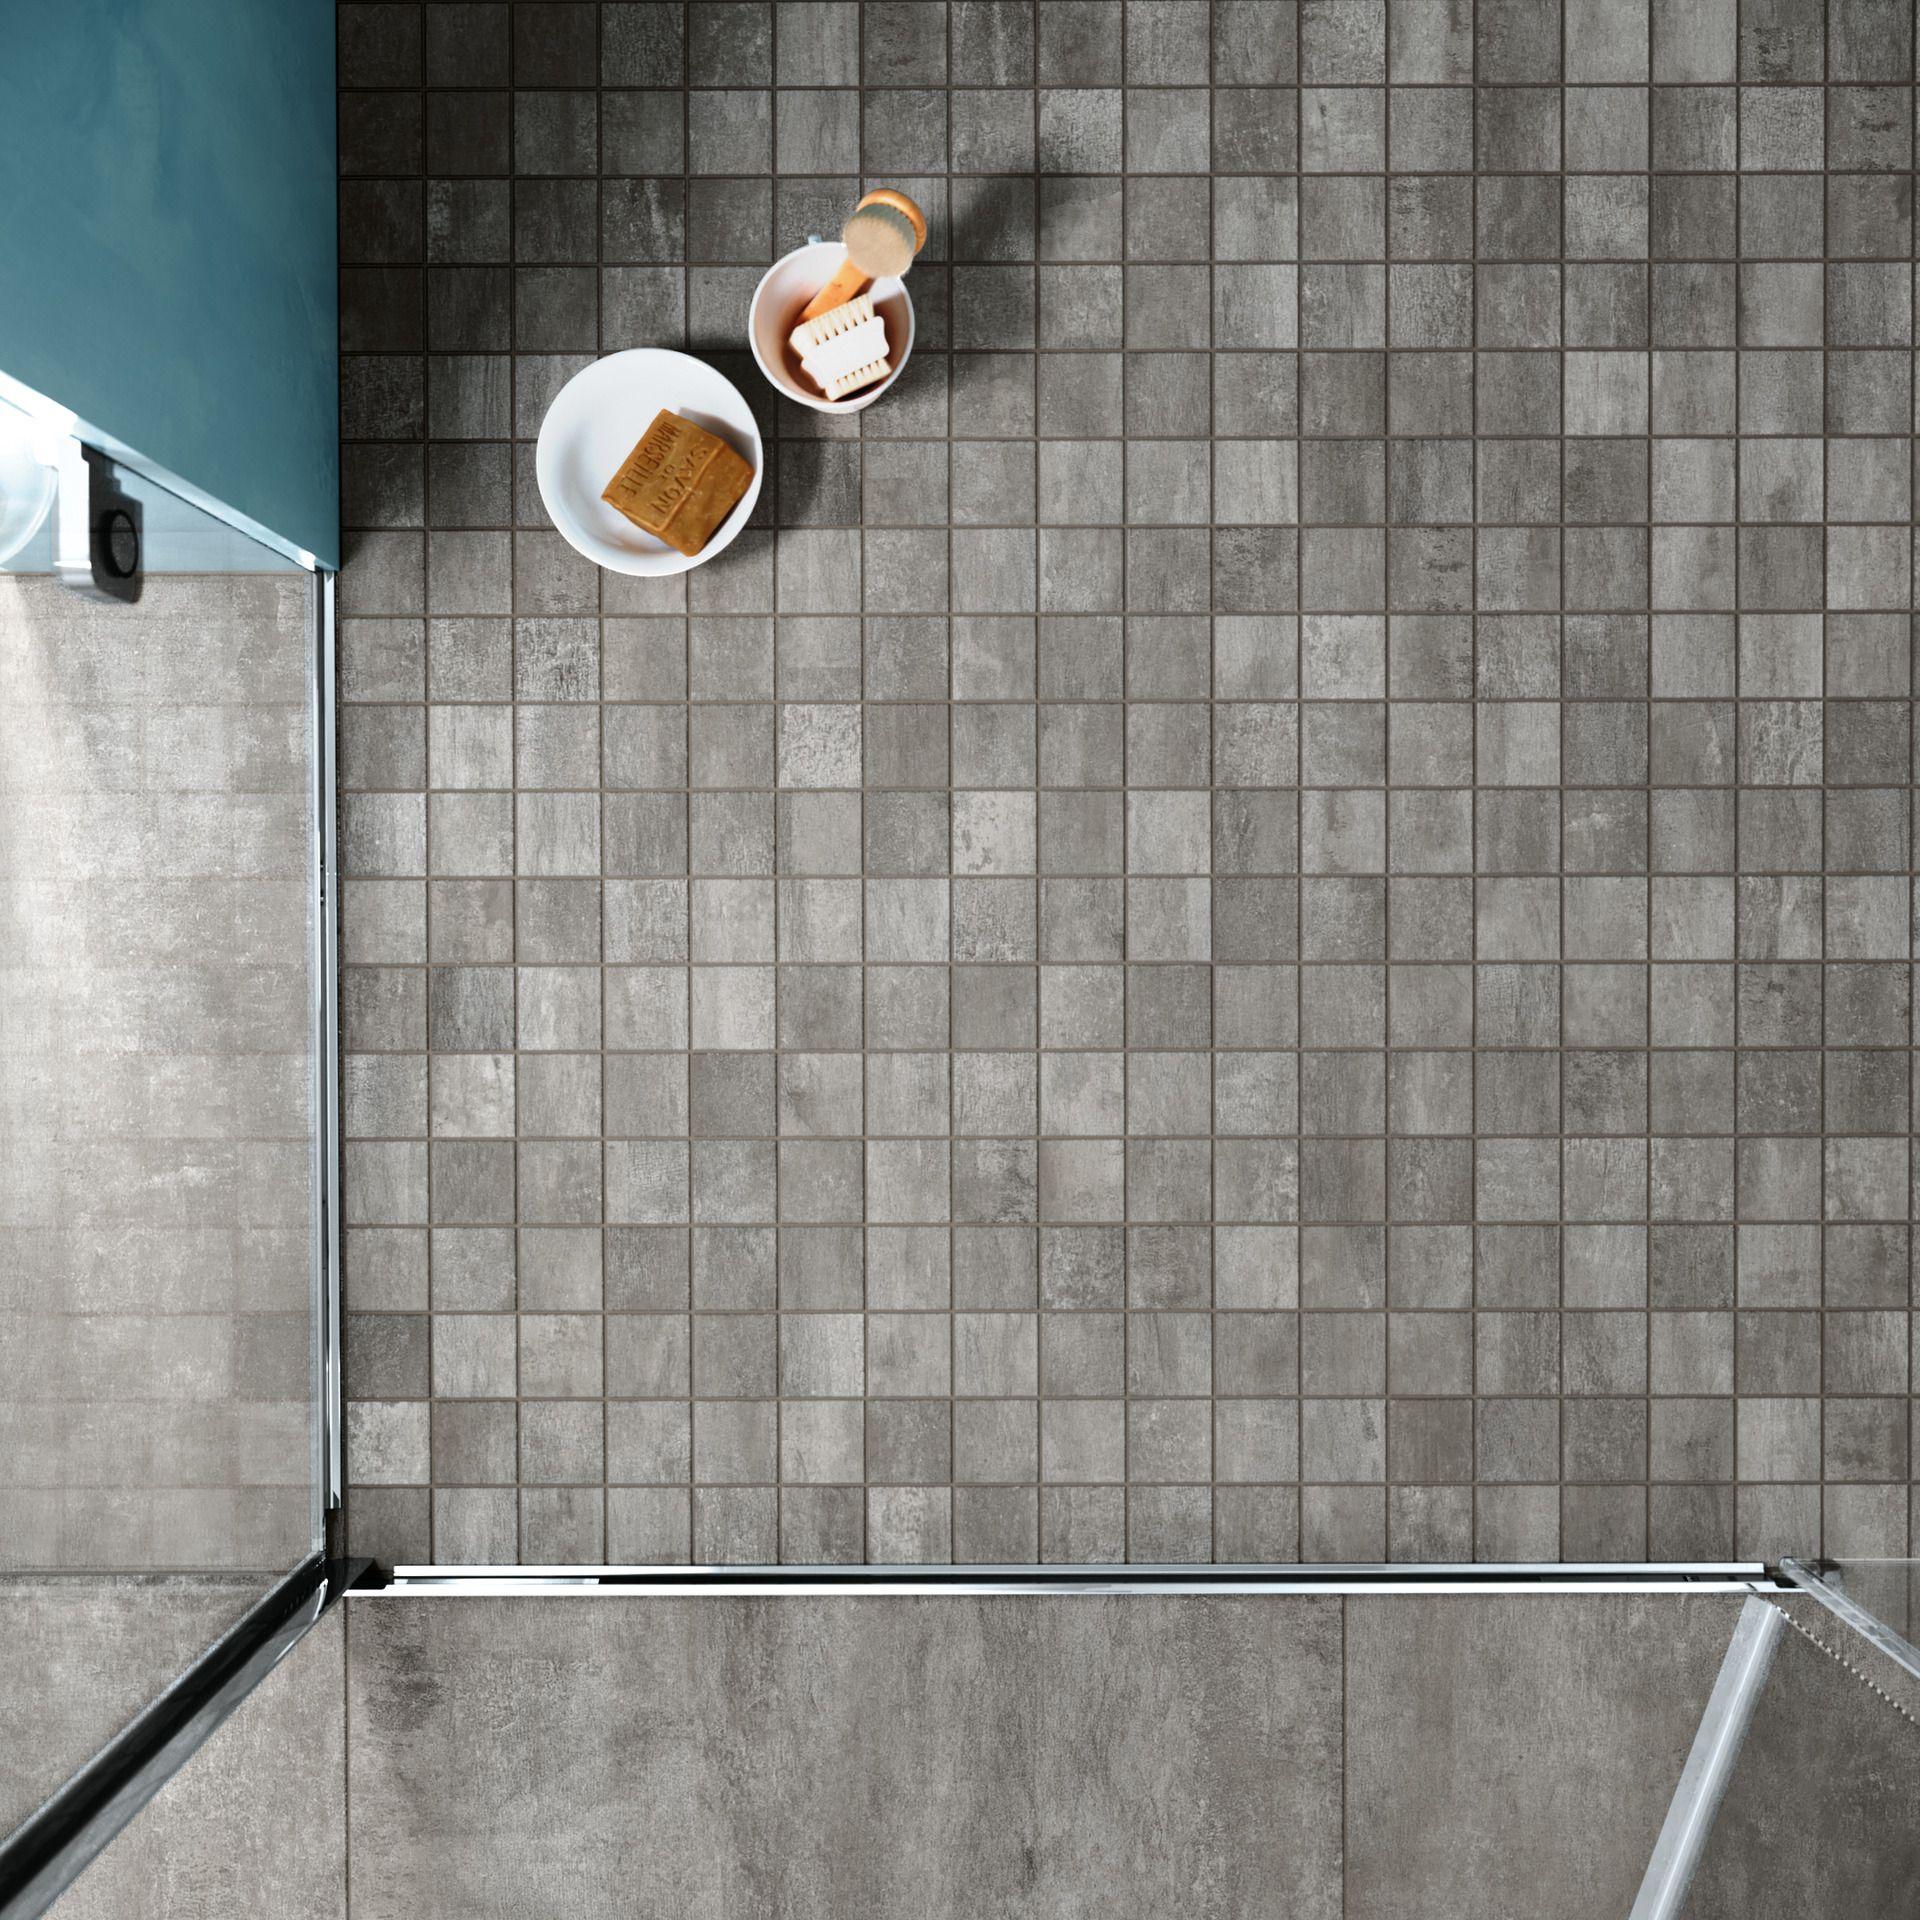 Feinsteinzeug Mosaik In Der Dusche Badezimmer Mit Dusche Dusche Fliesen Badezimmer